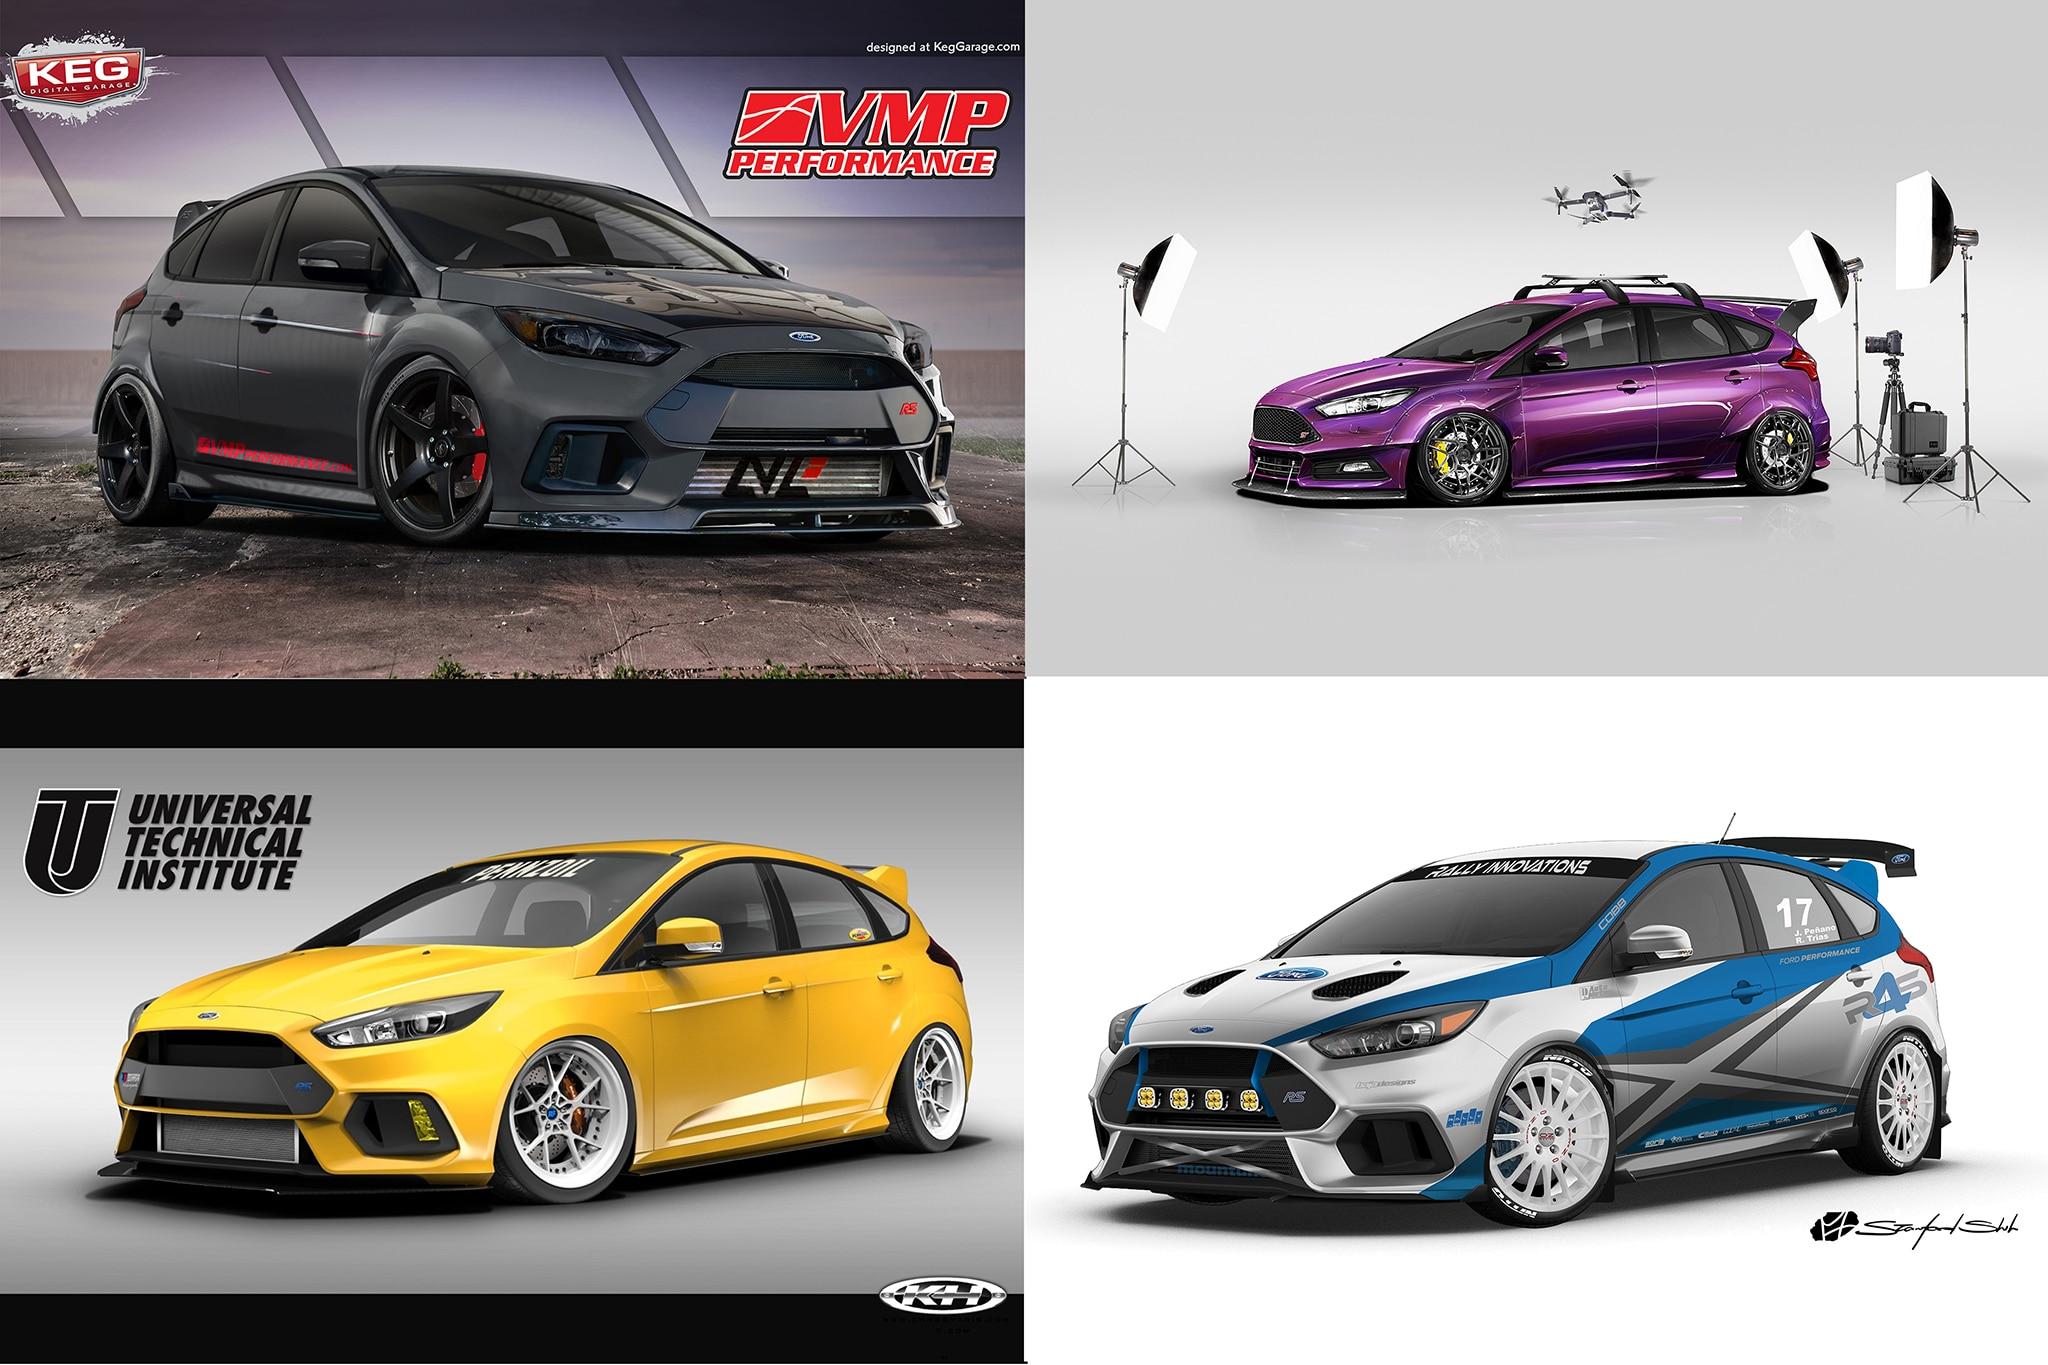 Ford SEMA Concepts